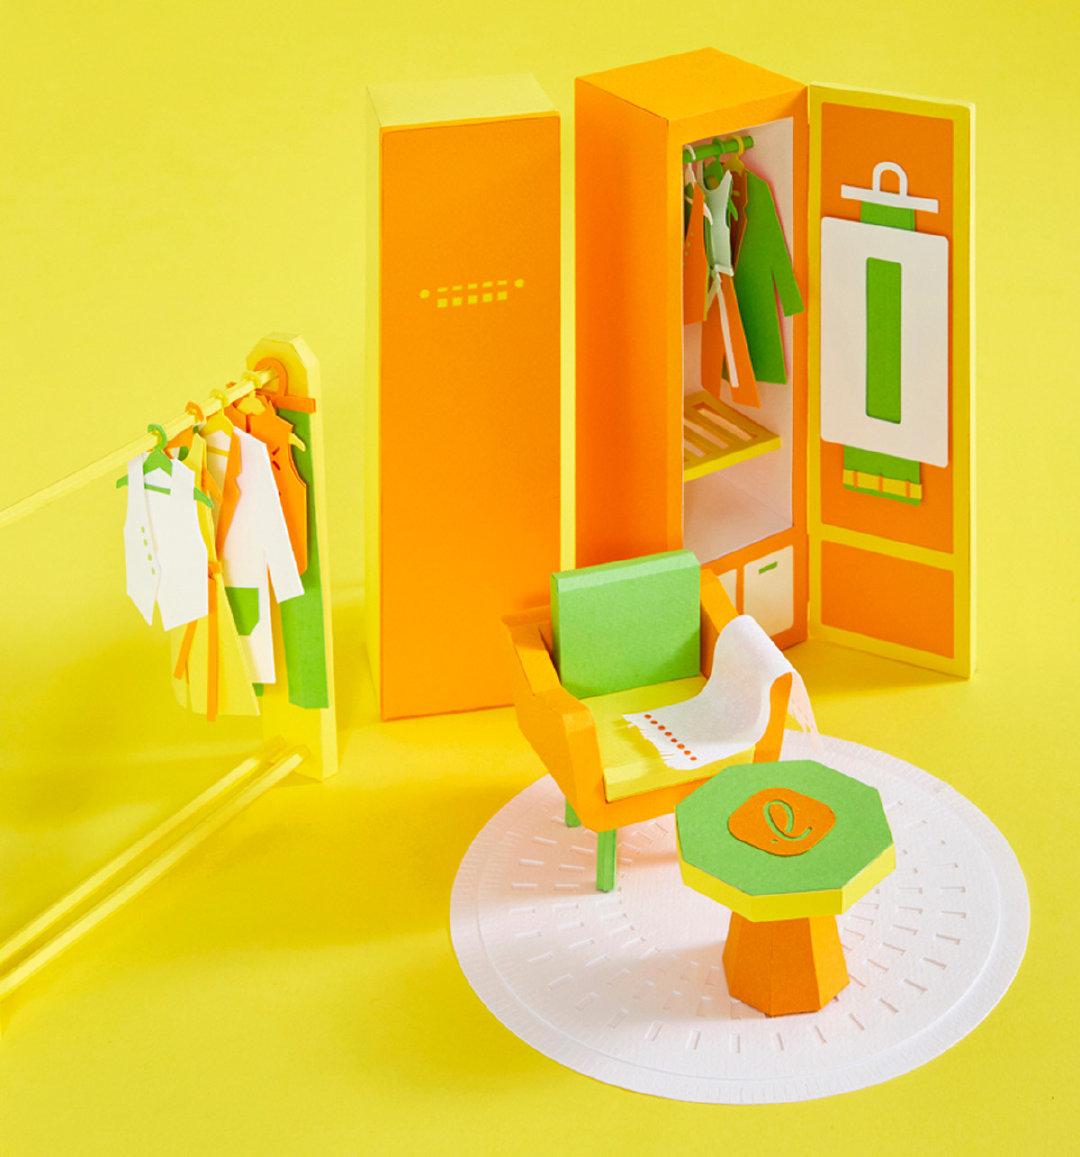 欢迎进入迷你纸质雕塑世界韩国艺术家Lee Ji-Hee